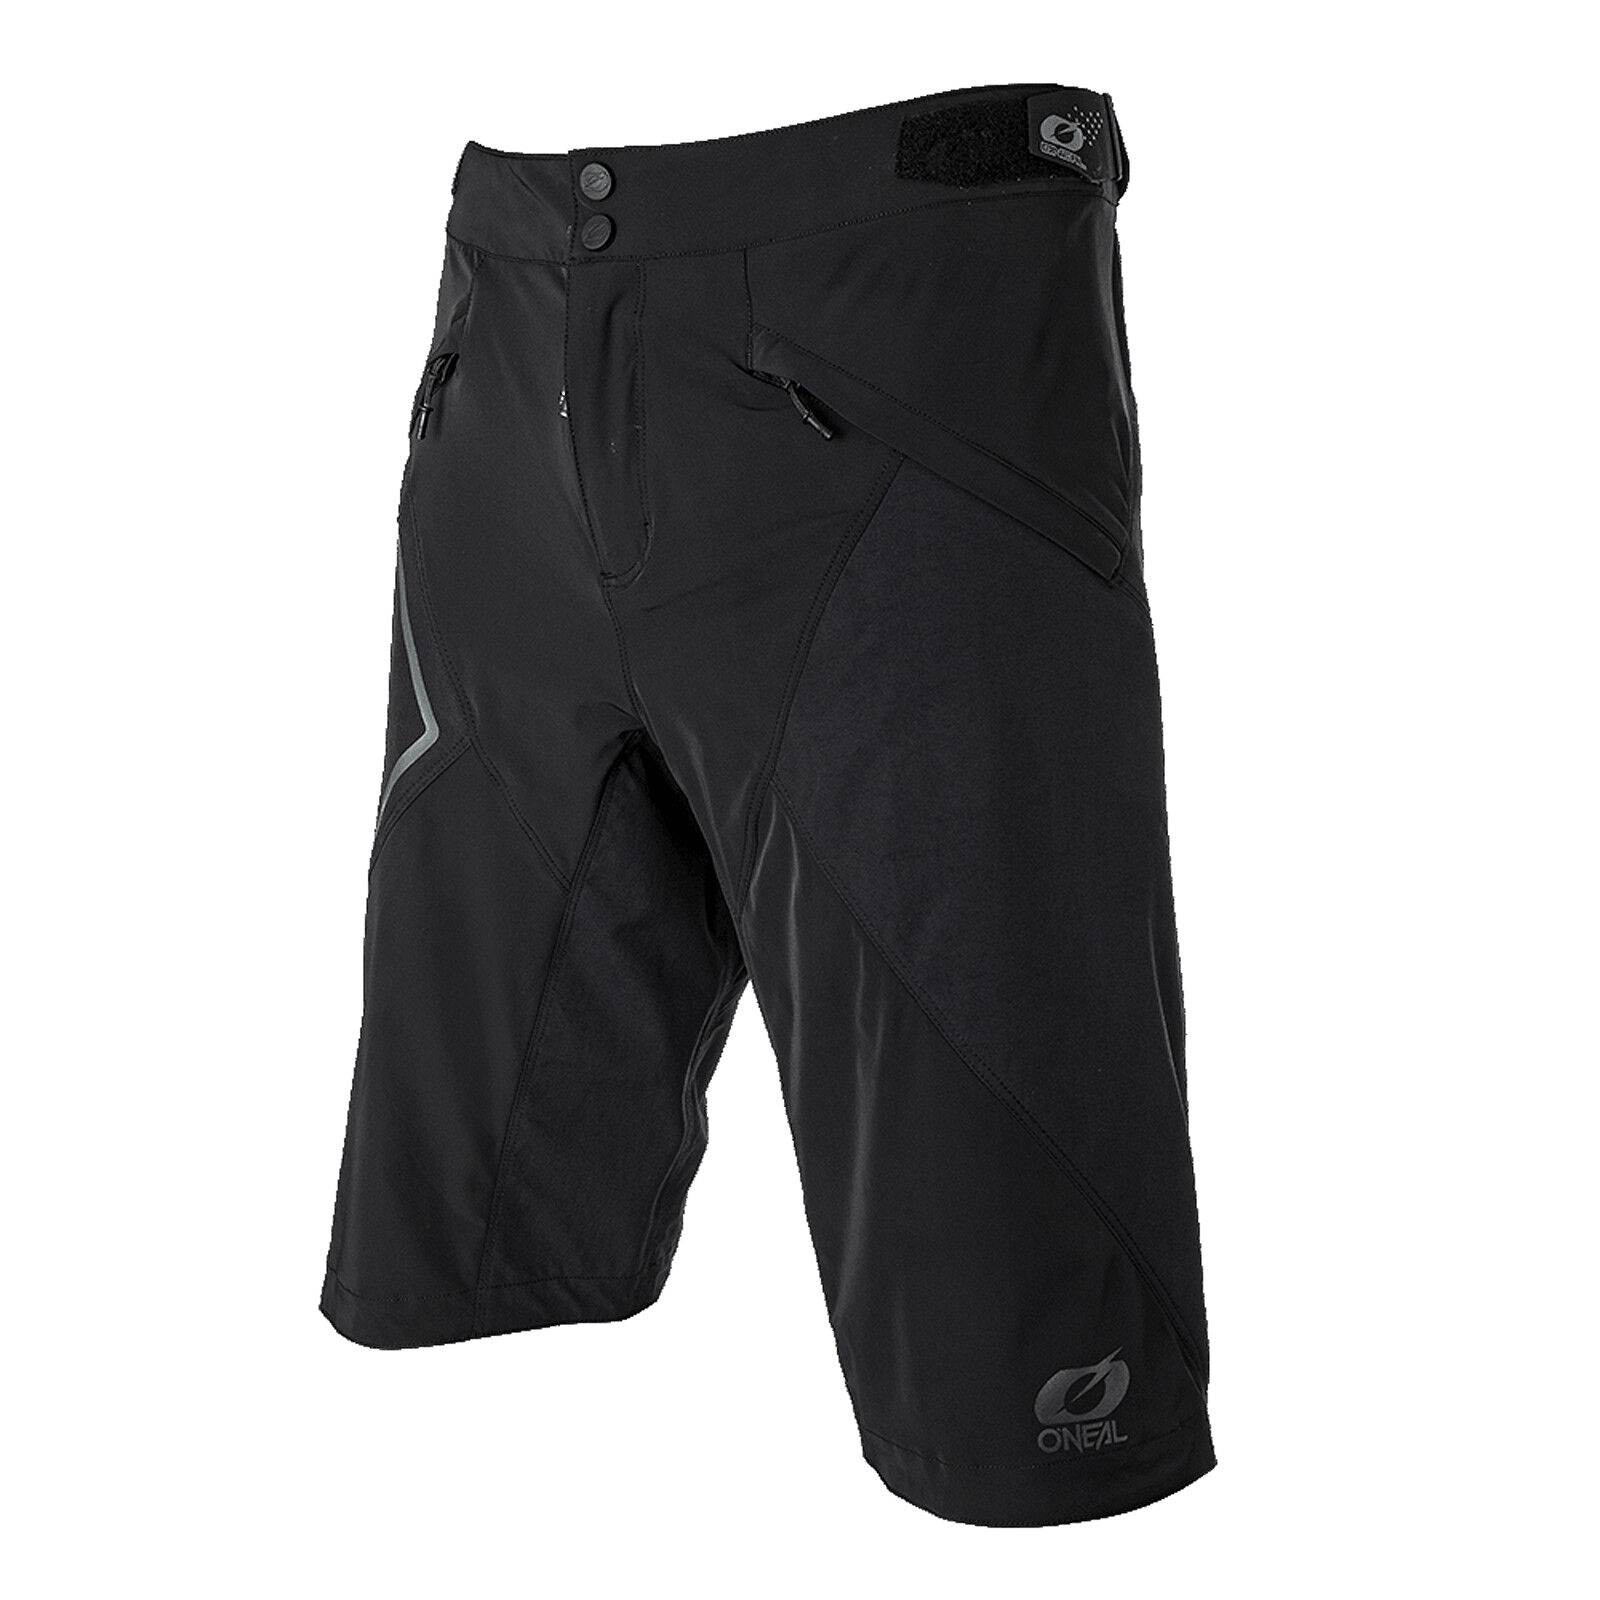 O 'neal All mountain Mud bicicleta short pantalón  corto negro 2019 oneal  precios mas bajos